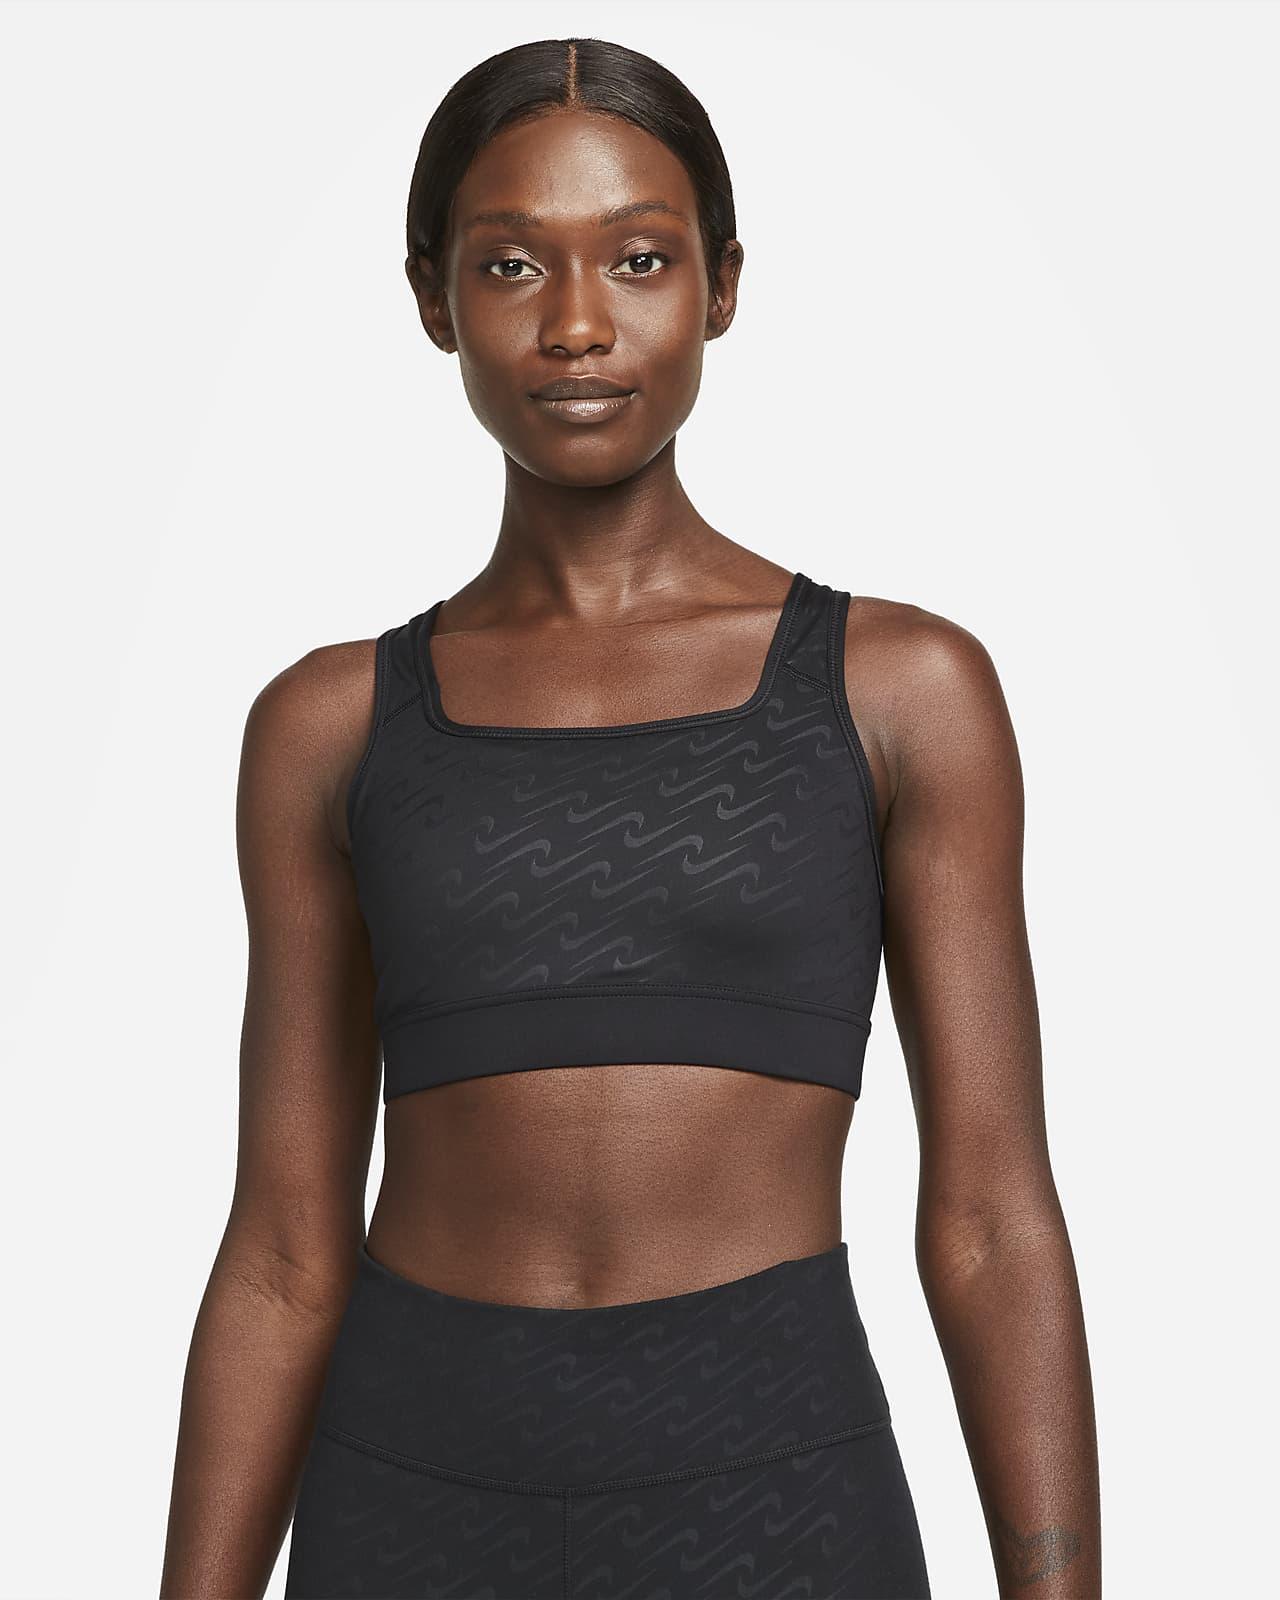 Dámská sportovní podprsenka Nike Dri-FIT Swoosh Icon Clash se střední oporou, jednodílnou vycpávkou apotiskem